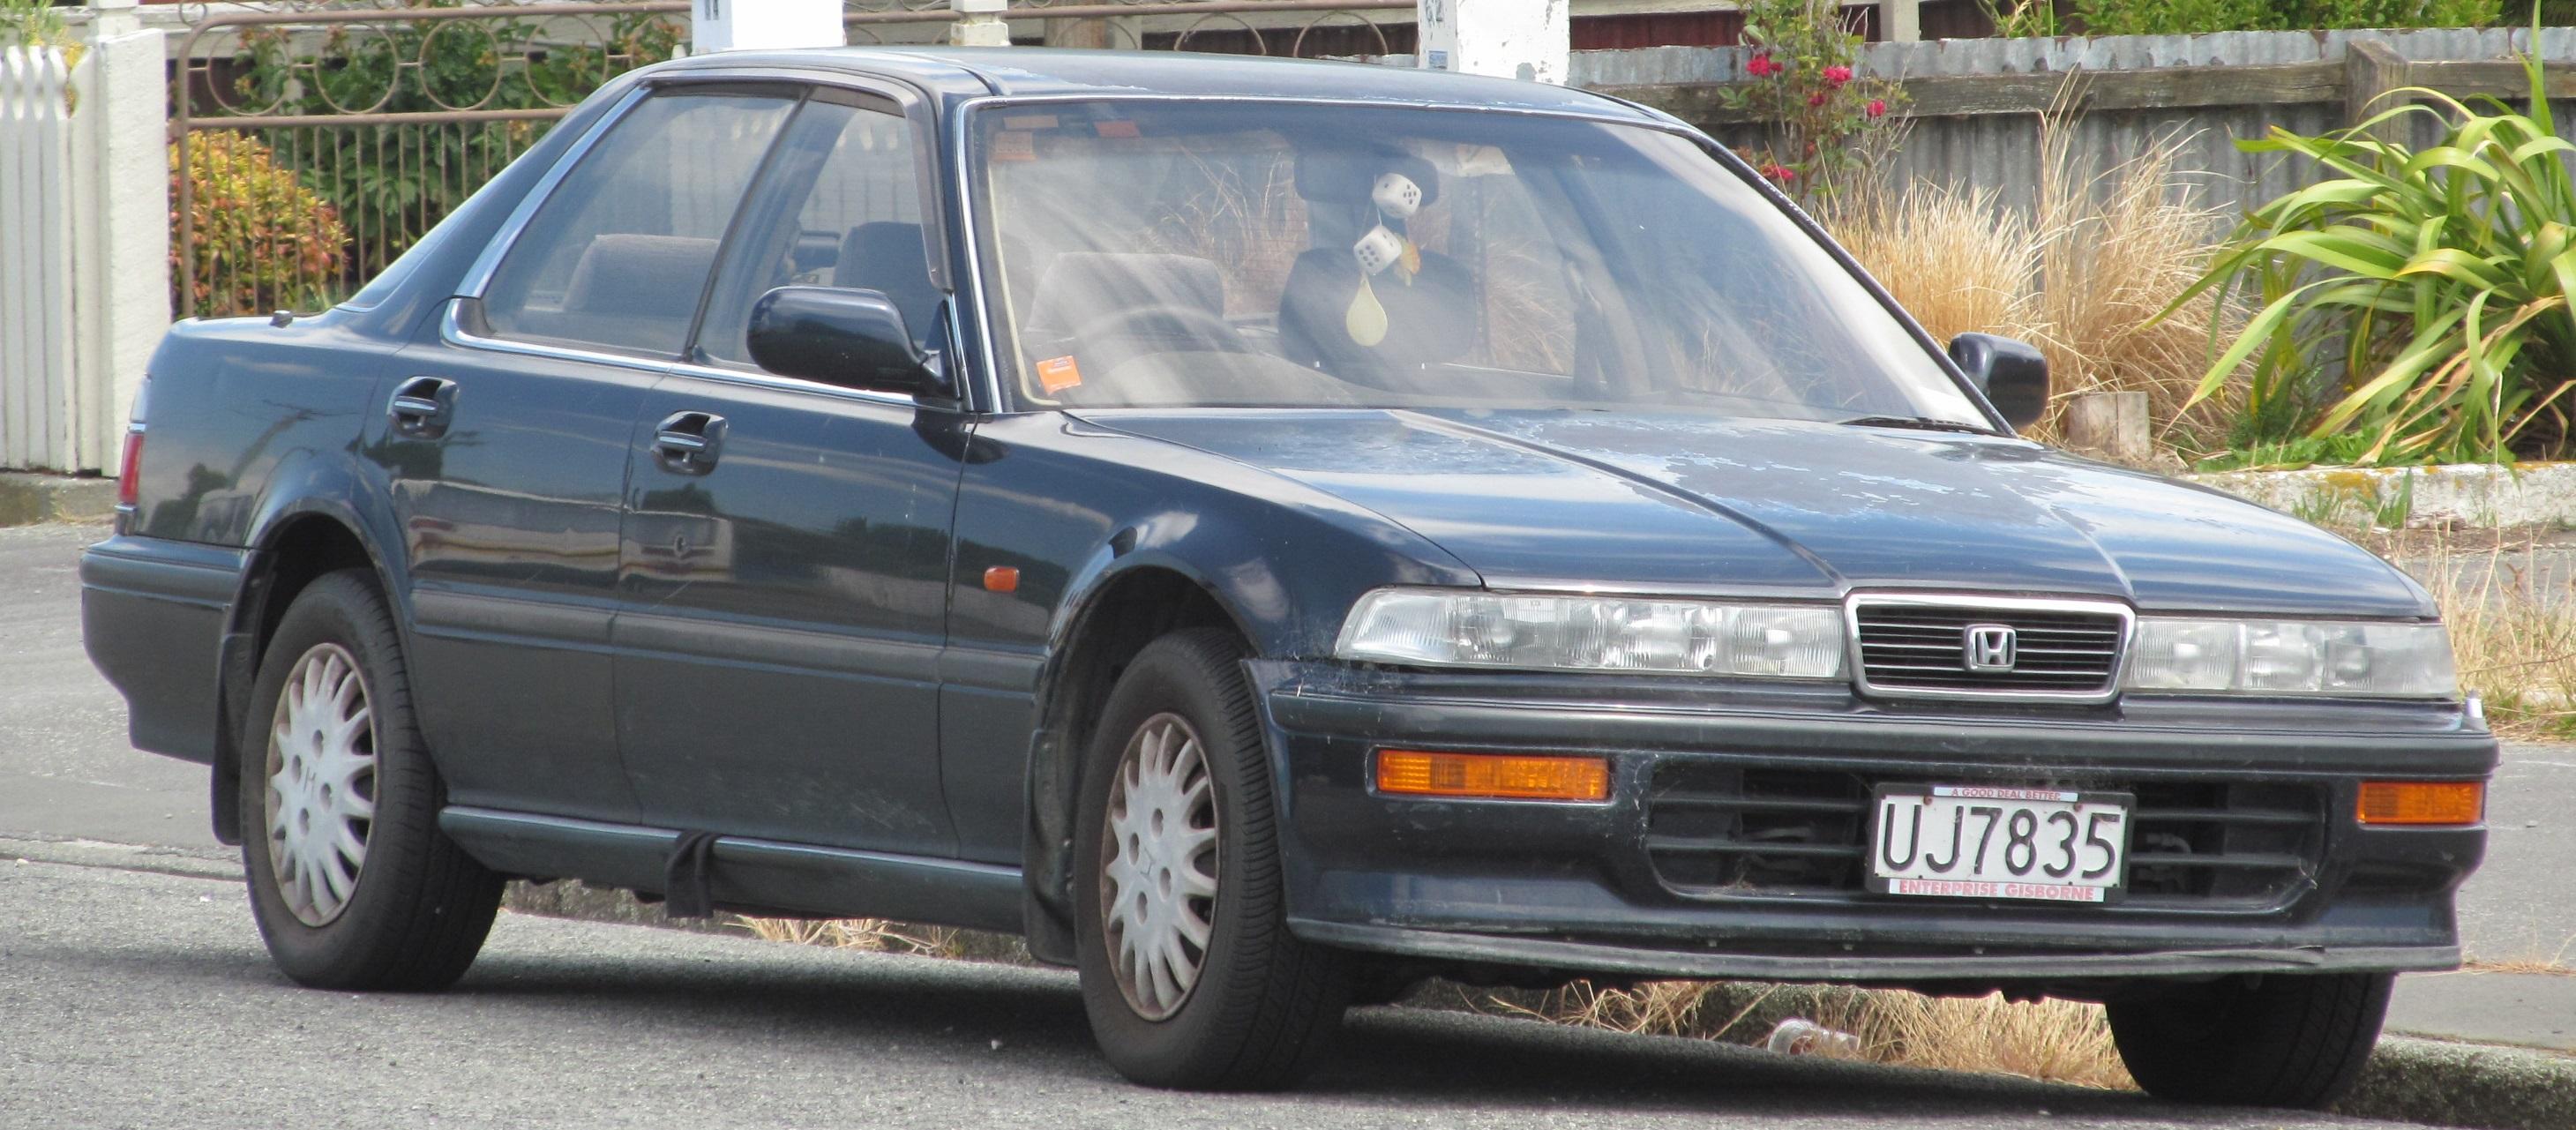 Kelebihan Kekurangan Honda Vigor Tangguh